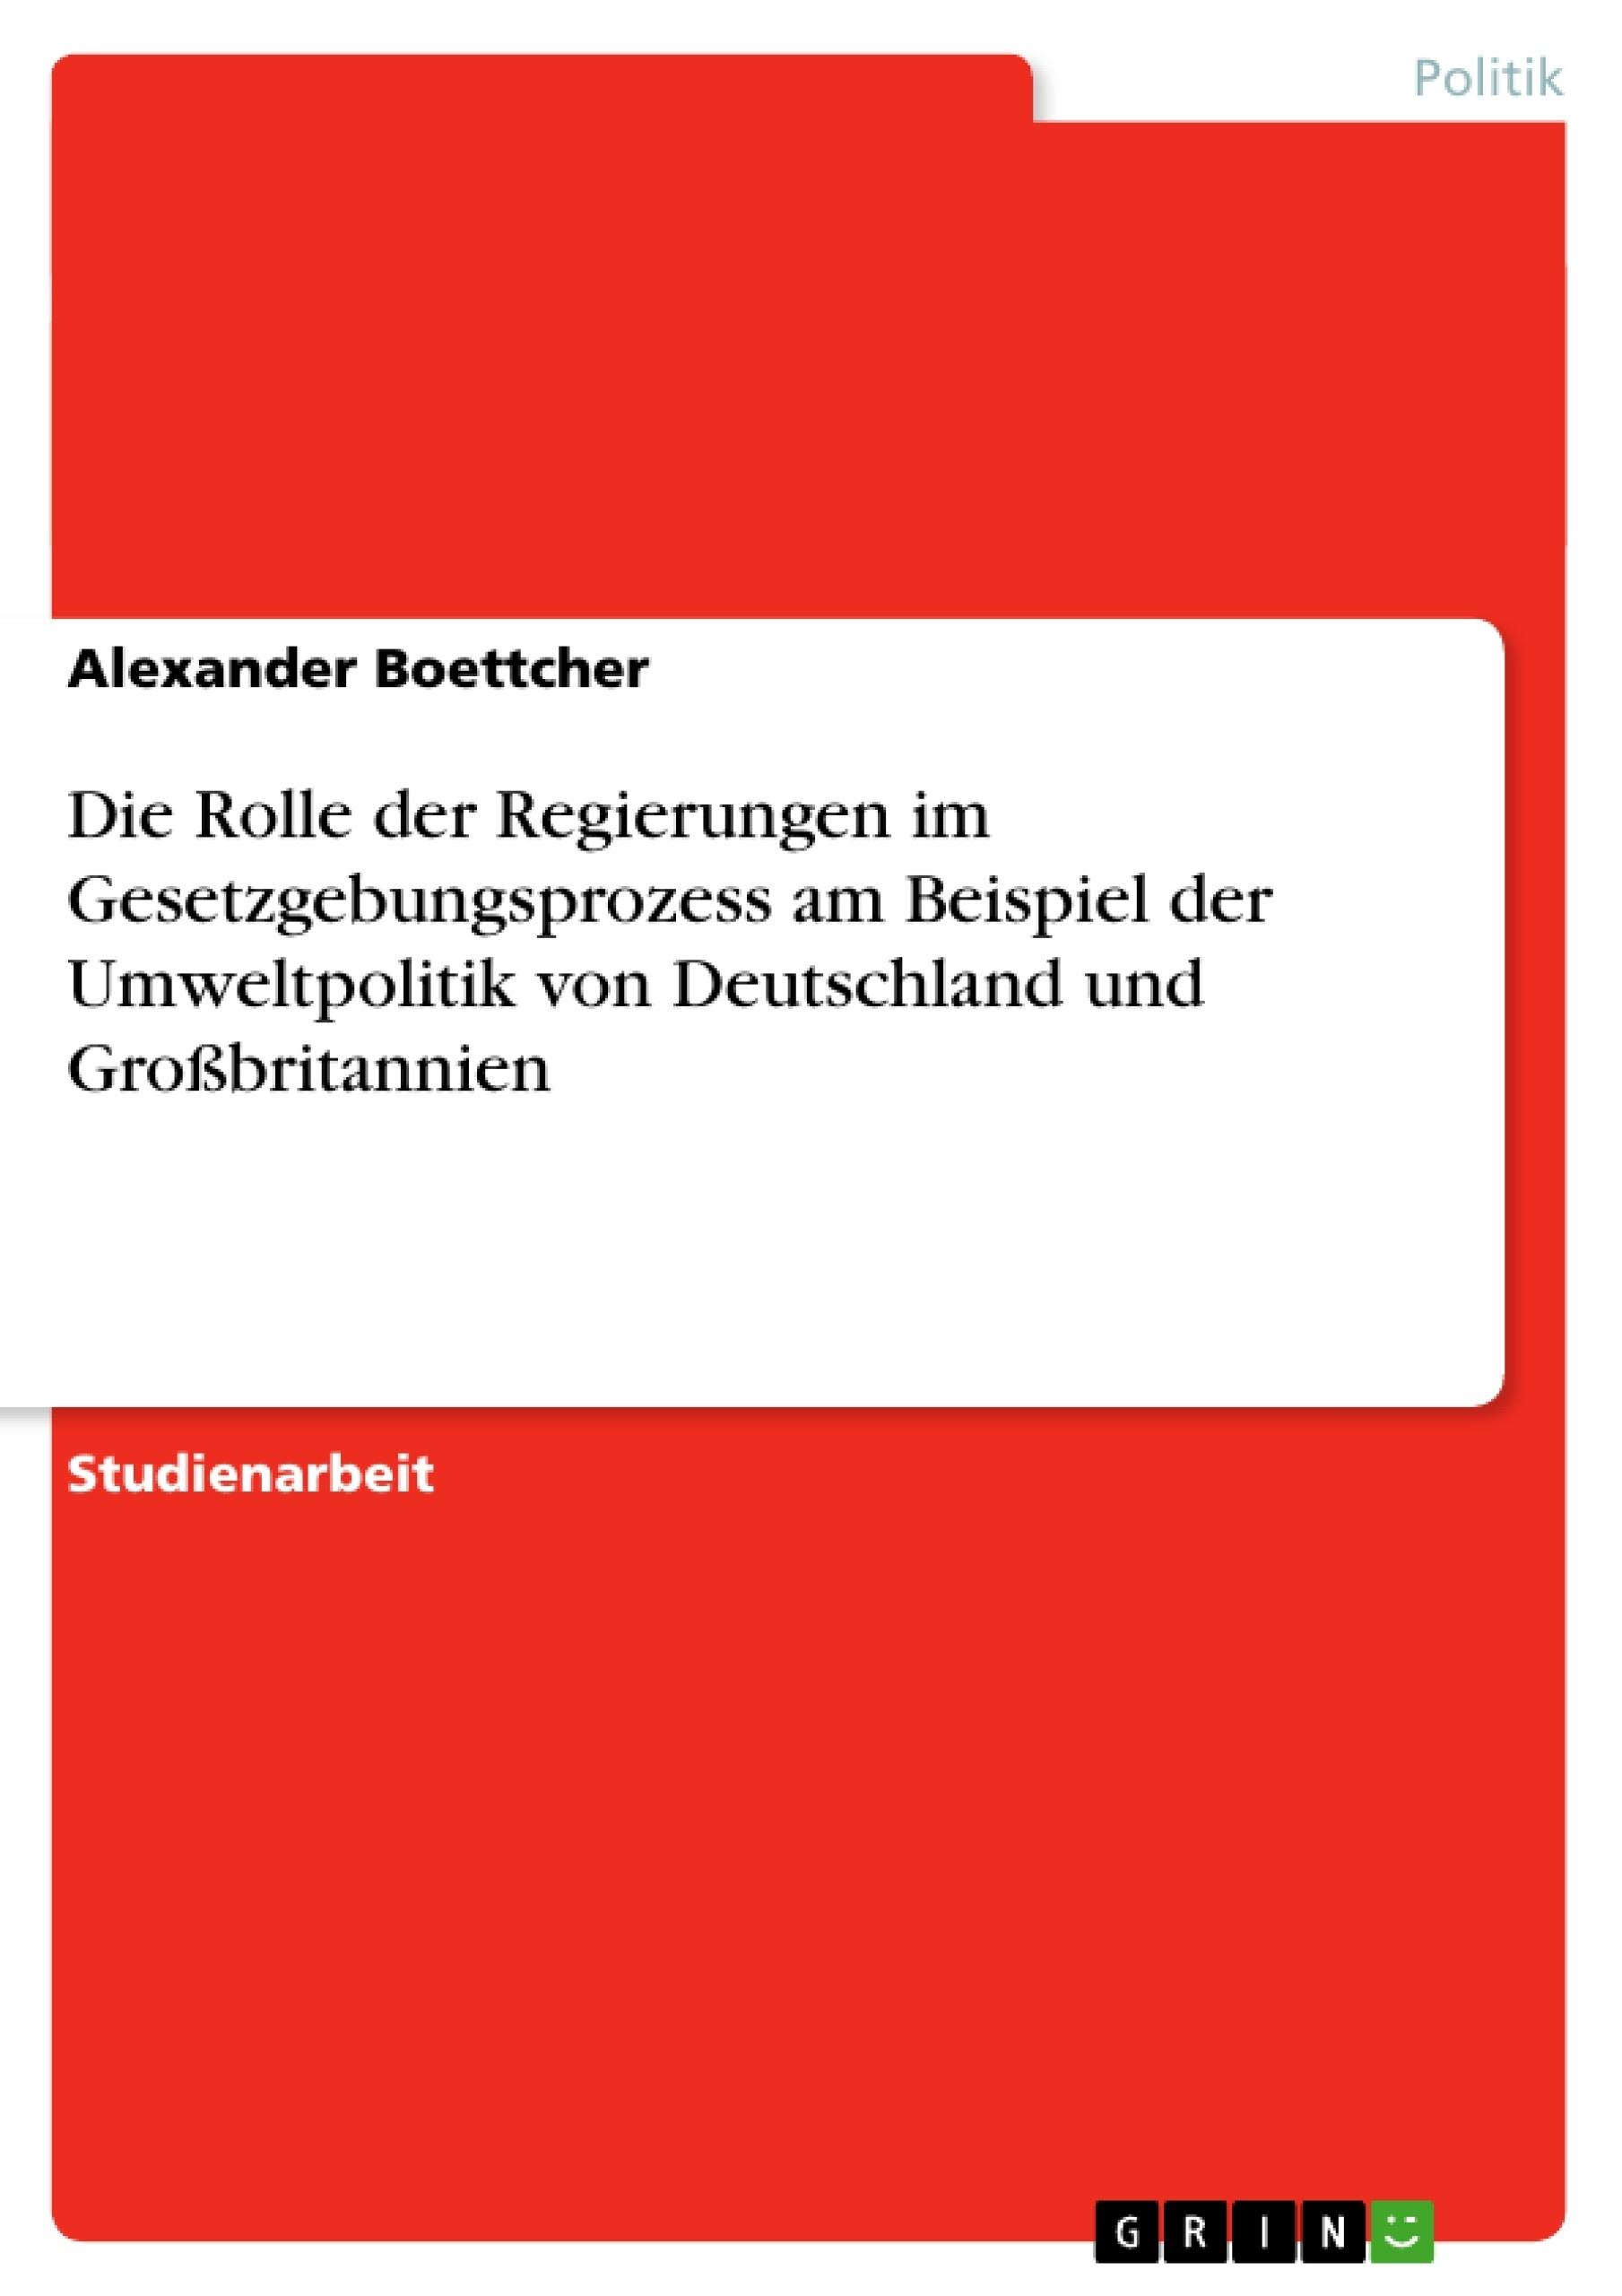 Titel: Die Rolle der Regierungen im Gesetzgebungsprozess am Beispiel der Umweltpolitik von Deutschland und Großbritannien